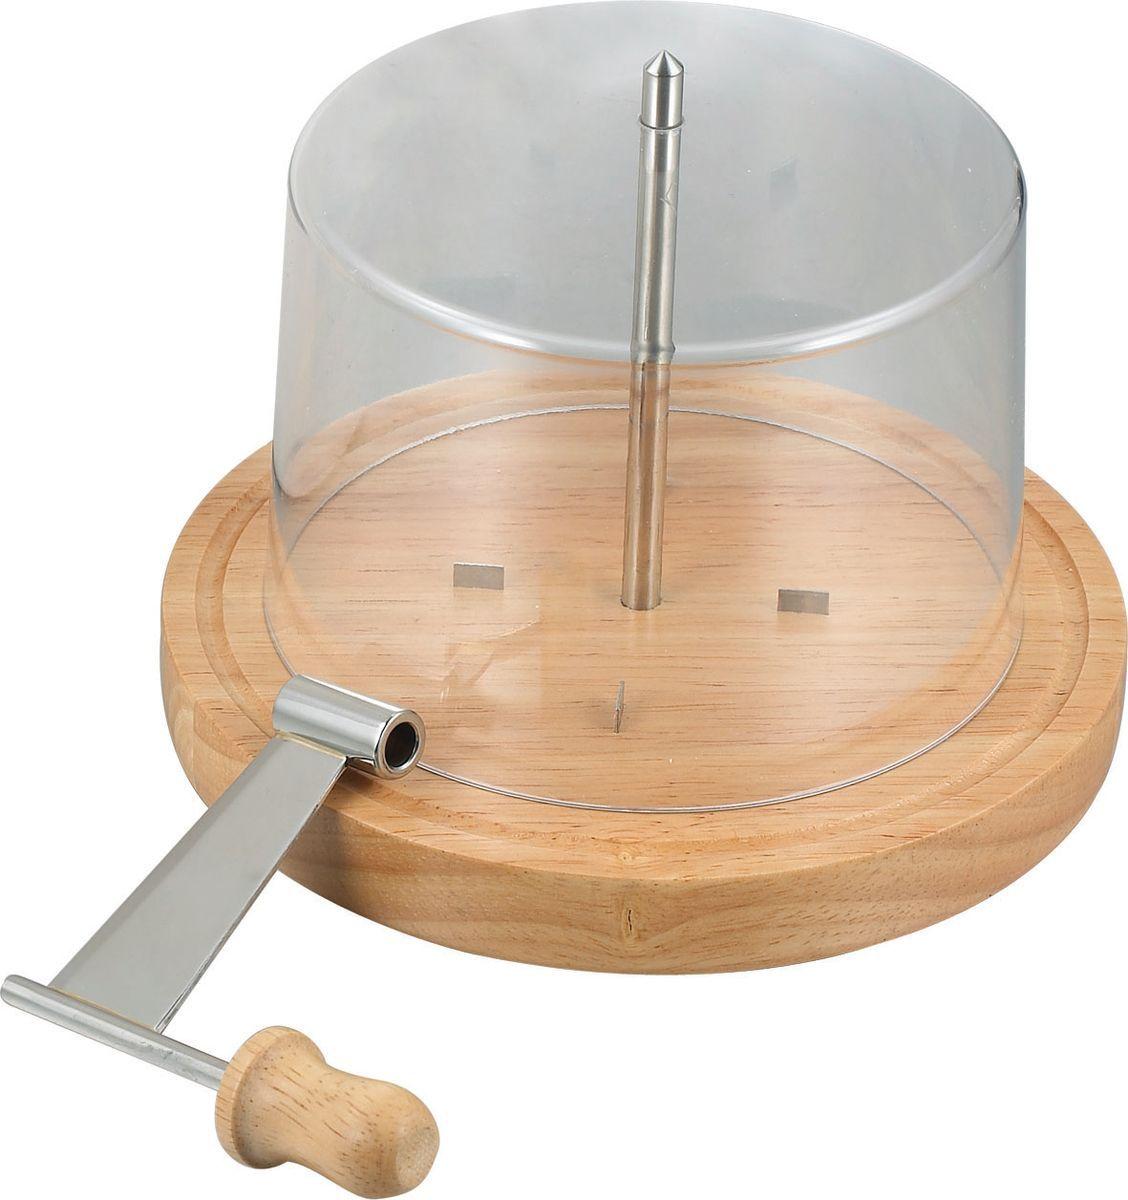 Нож для сыра Stahlberg, длина 19,5 см5787-SПосуда STAHLBERG изготовлена только из качественных, экологически чистых материалов. Также уделяется особое внимание дизайну продукции, способному удовлетворять вкусы даже самых взыскательных покупателей. Сталь 8/10, из которой изготавливается посуда и аксессуары STAHLBERG, является уникальной. Она отличается высокими эксплуатационными характеристиками и крайне устойчива к физическим воздействиям. Сложно найти более подходящий для создания качественной кухонной посуды материал. Отличительной чертой металлической посуды, выполненной из подобной стали, является характерный сероватый оттенок поверхности и особый блеск. Это позволяет приготовить более здоровую пищу.